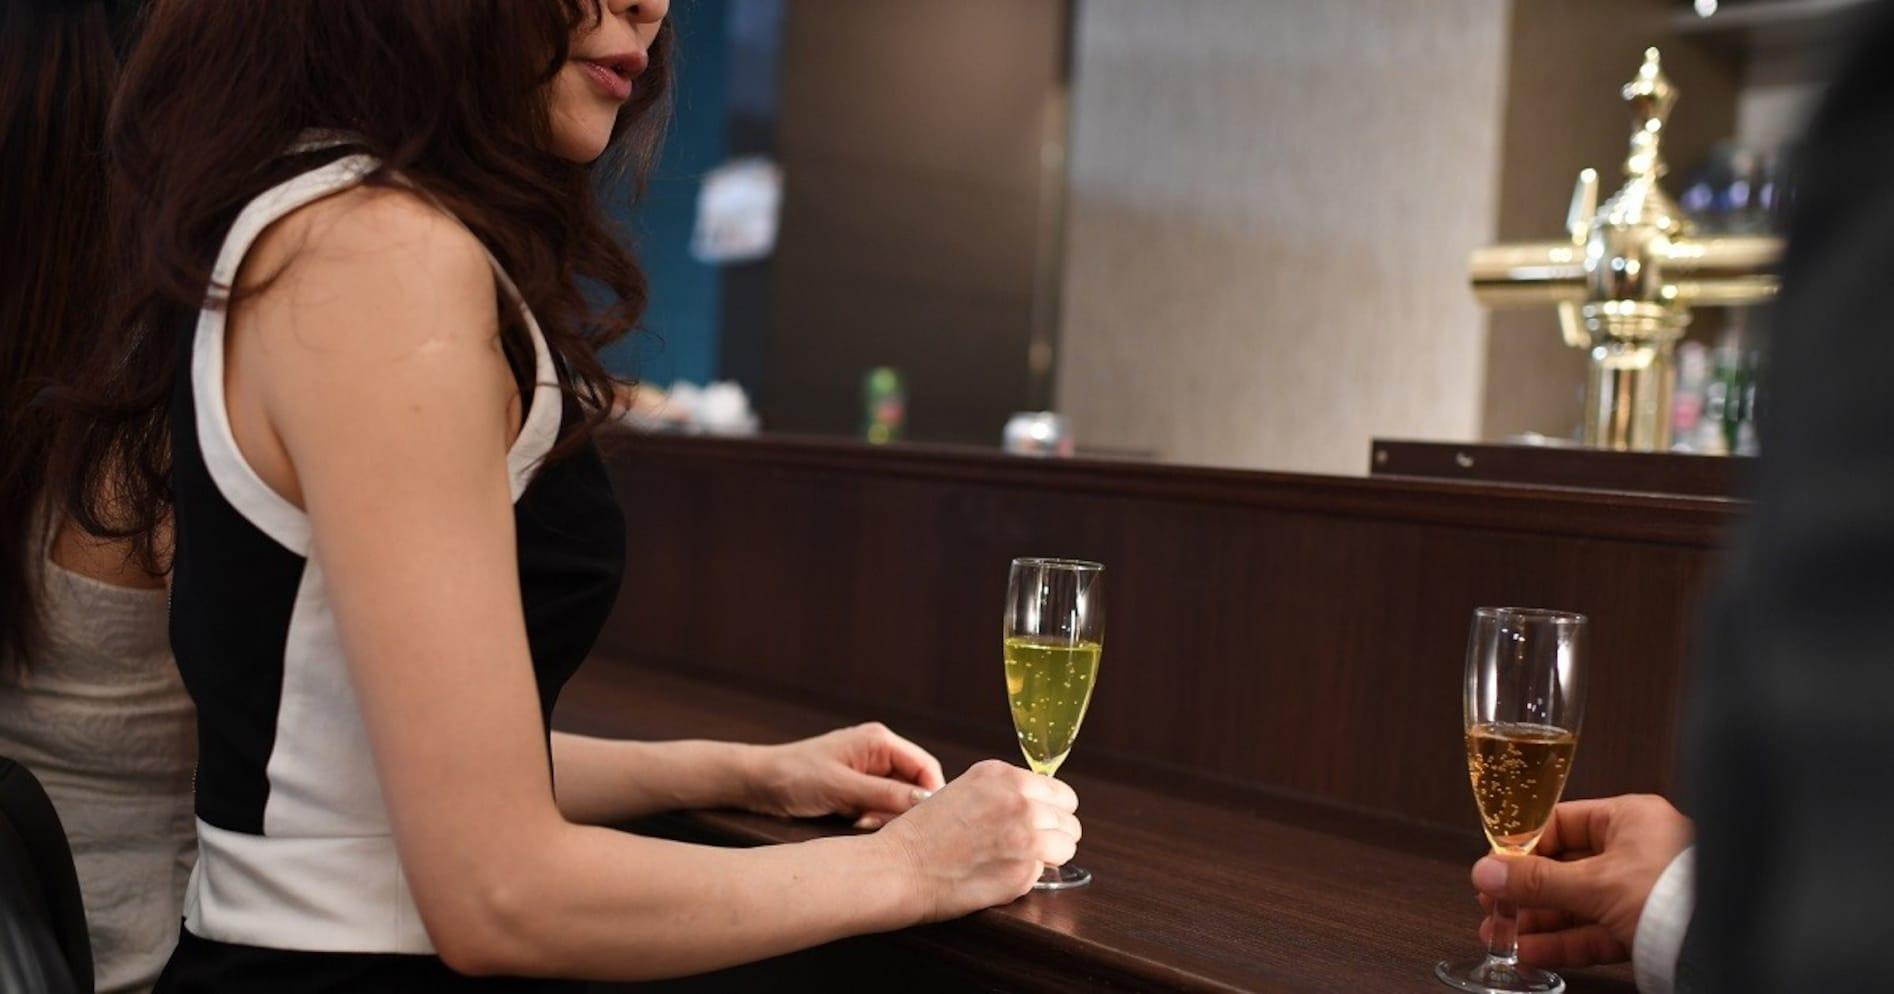 【働く女の「モテ道場」】結婚相談所は「※ただしイケメンに限る」わけではない